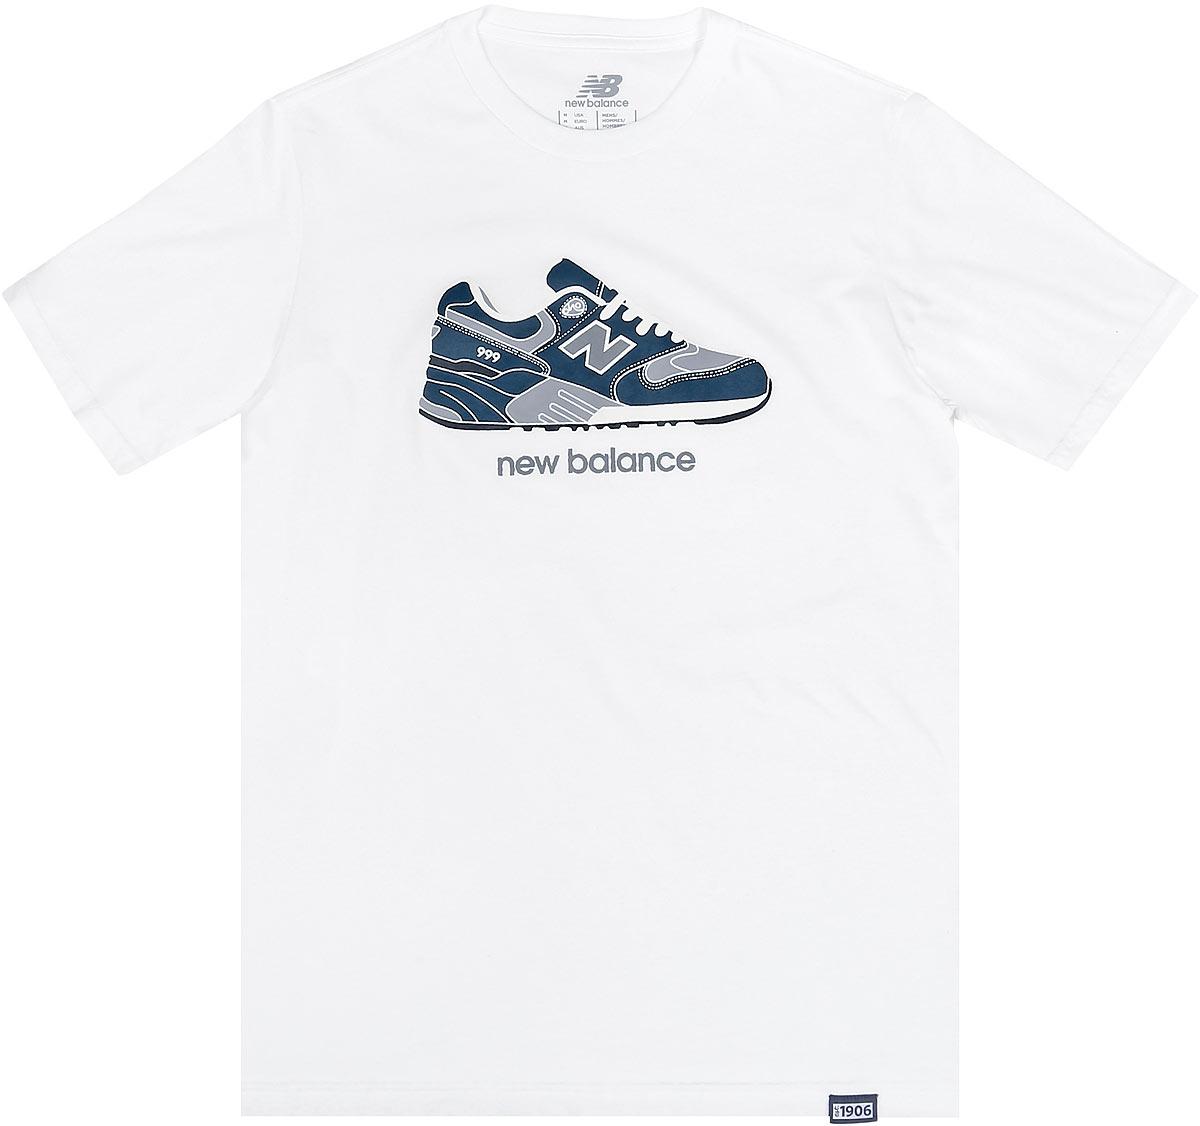 ФутболкаMT63555/ATМужская футболка New Balance с короткими рукавами и круглым вырезом горловины выполнена из хлопка с добавлением полиэстера. Футболка украшена принтом с изображением кроссовка и логотипа бренда спереди.